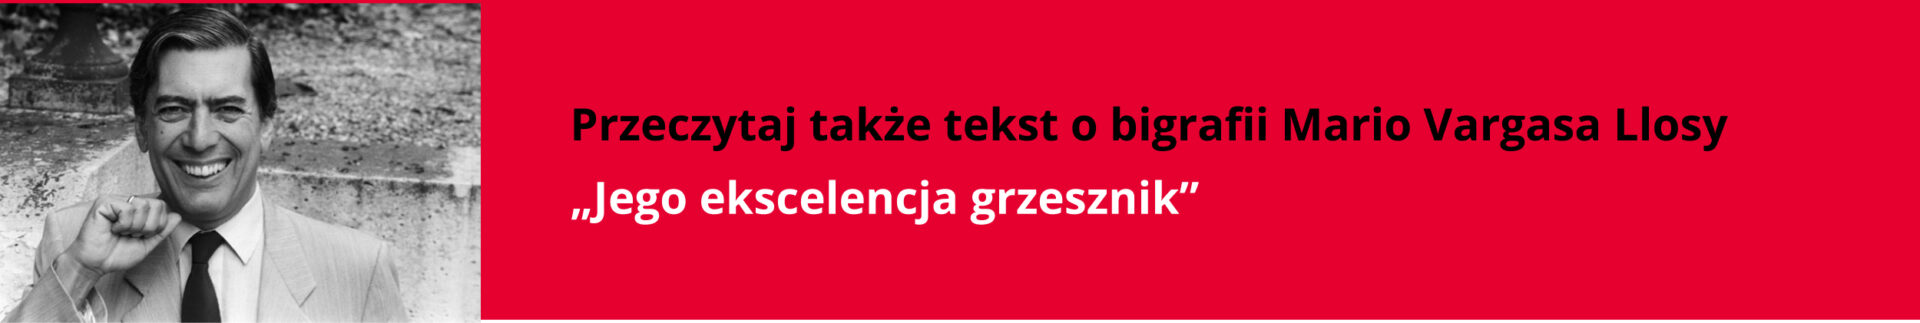 CZYTAJĄC_baner_2